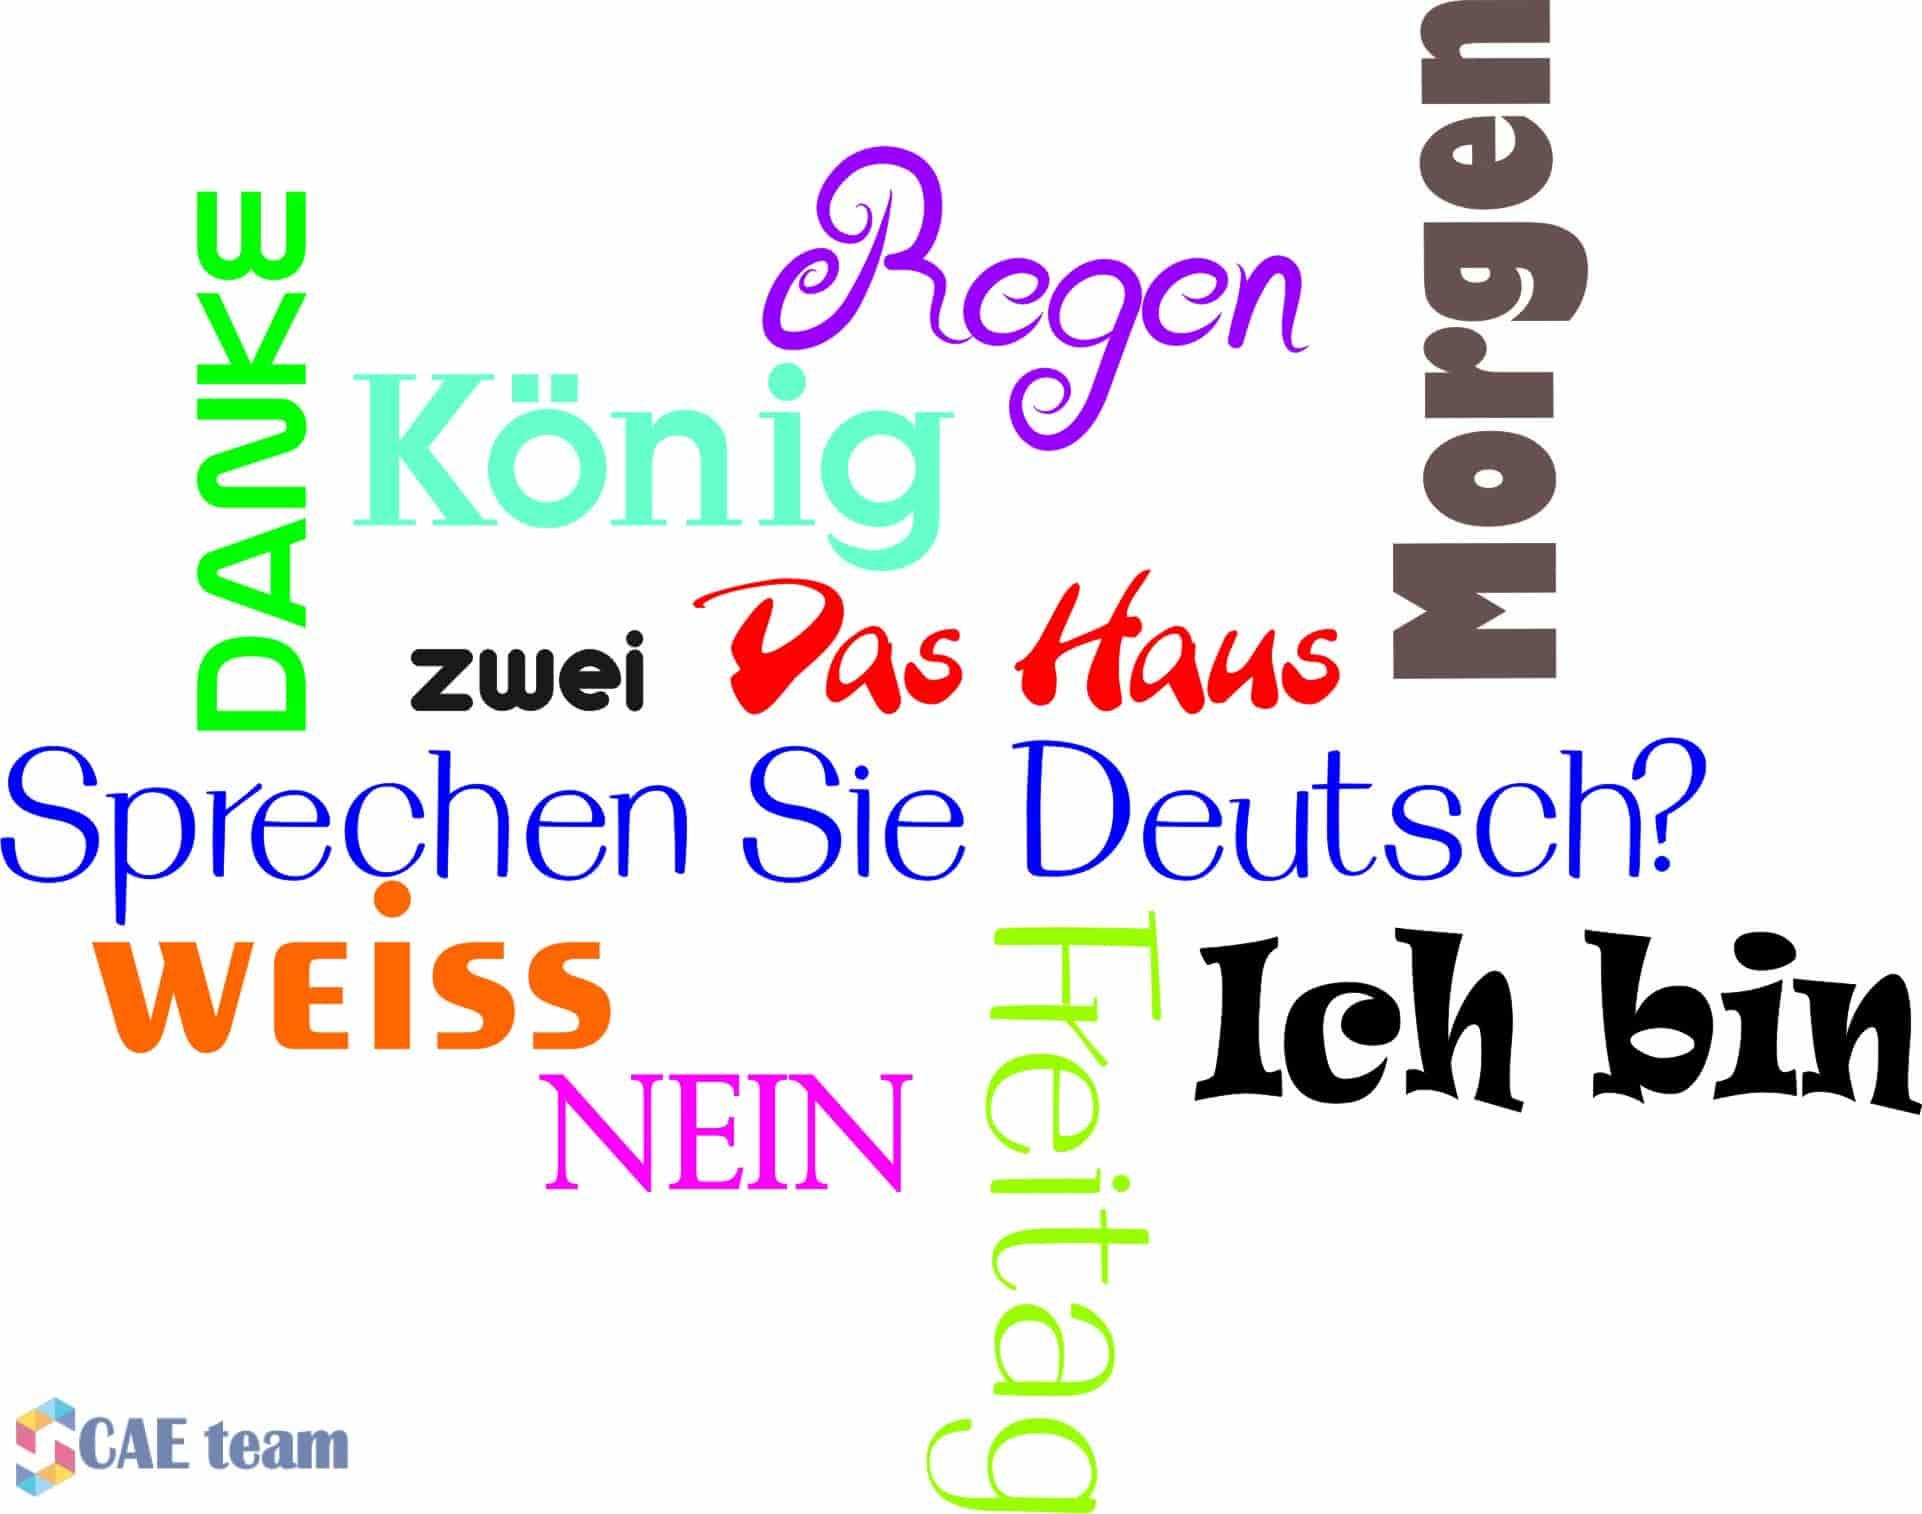 فرص دراسة اللغة الألمانية في ألمانيا (ممولة بالكامل)